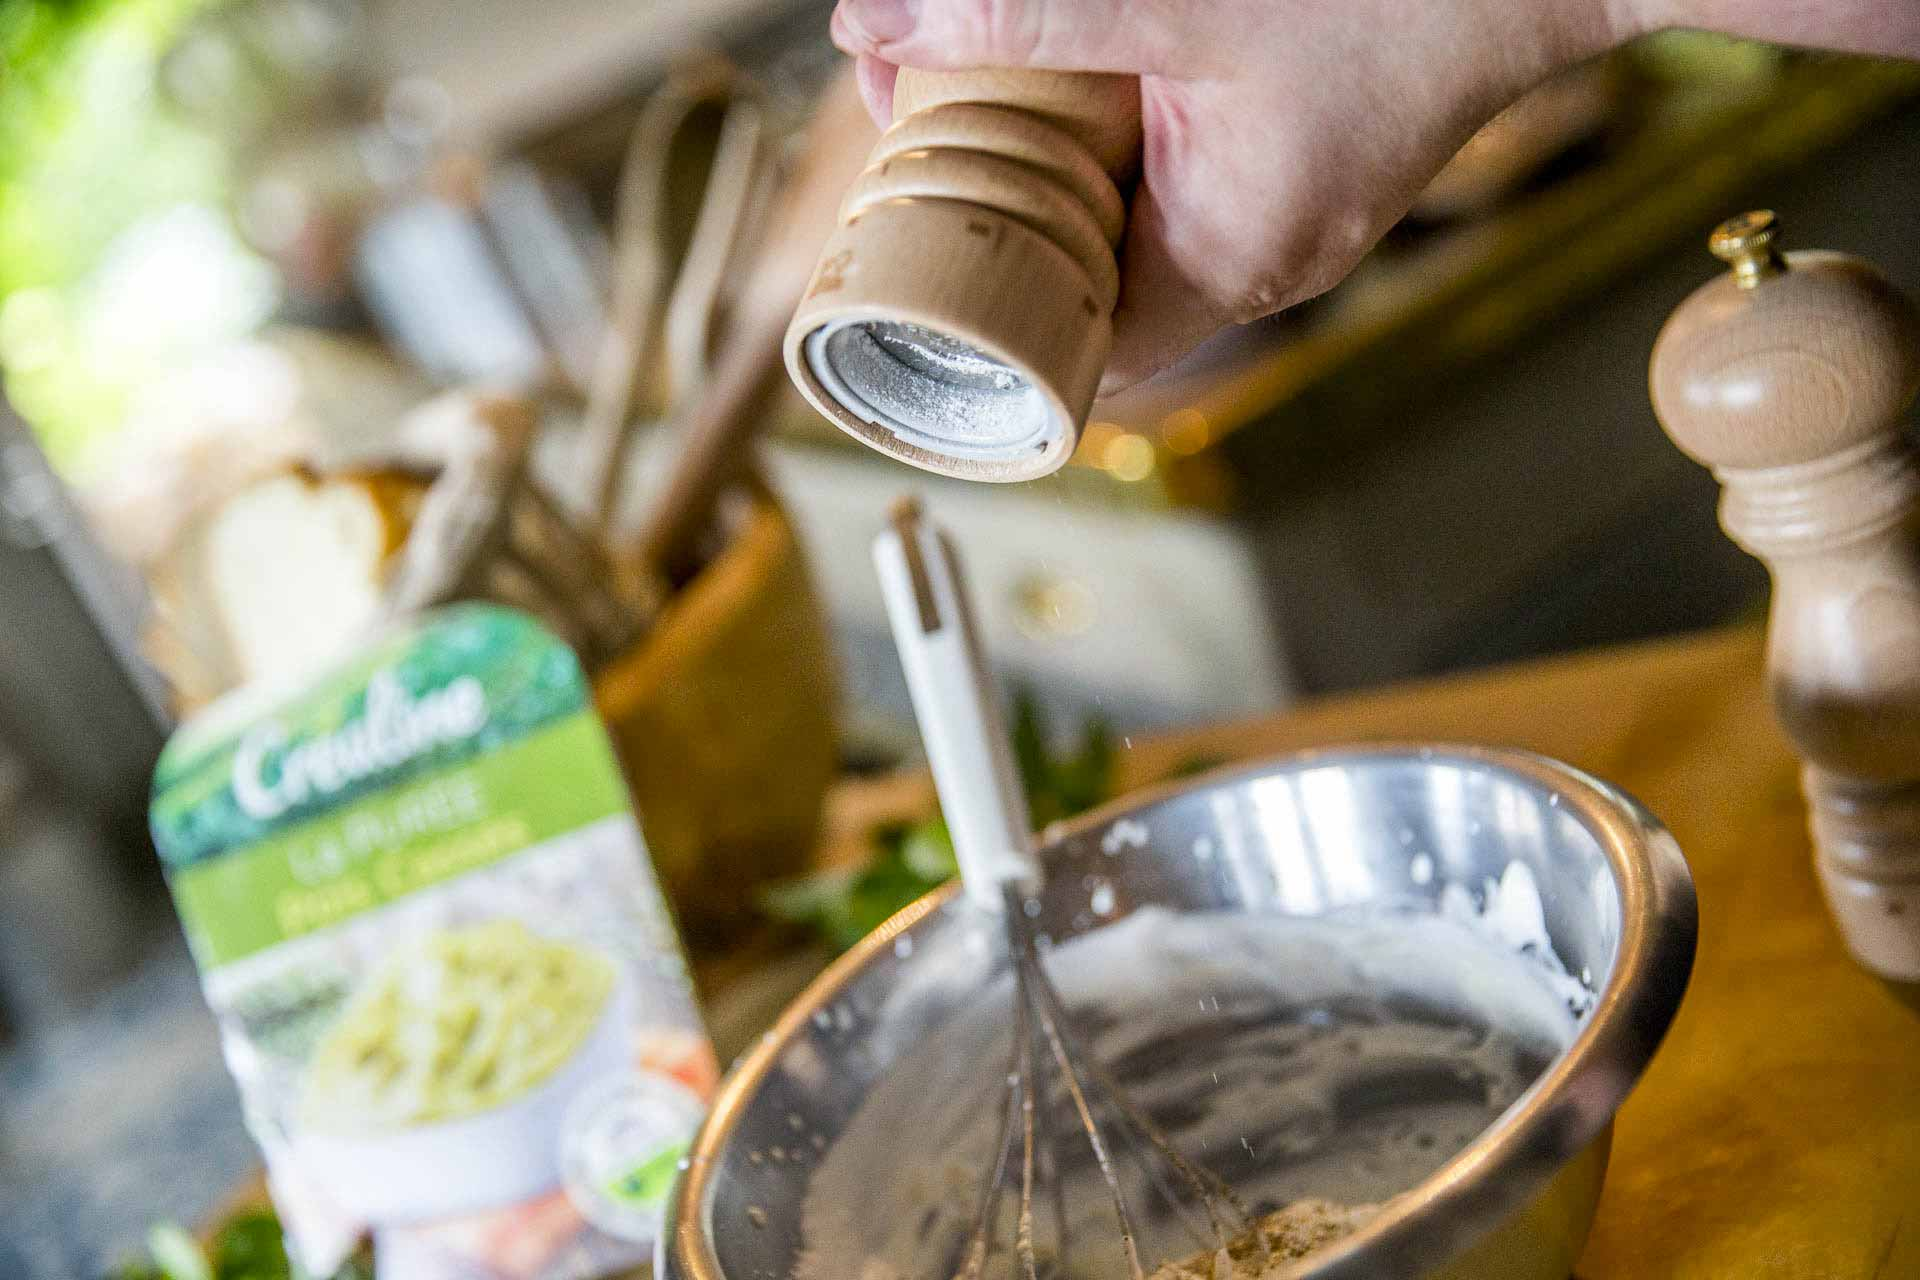 Purée de pois cassés chantilly à la menthe et parmesan : une recette végétarienne par Créaline